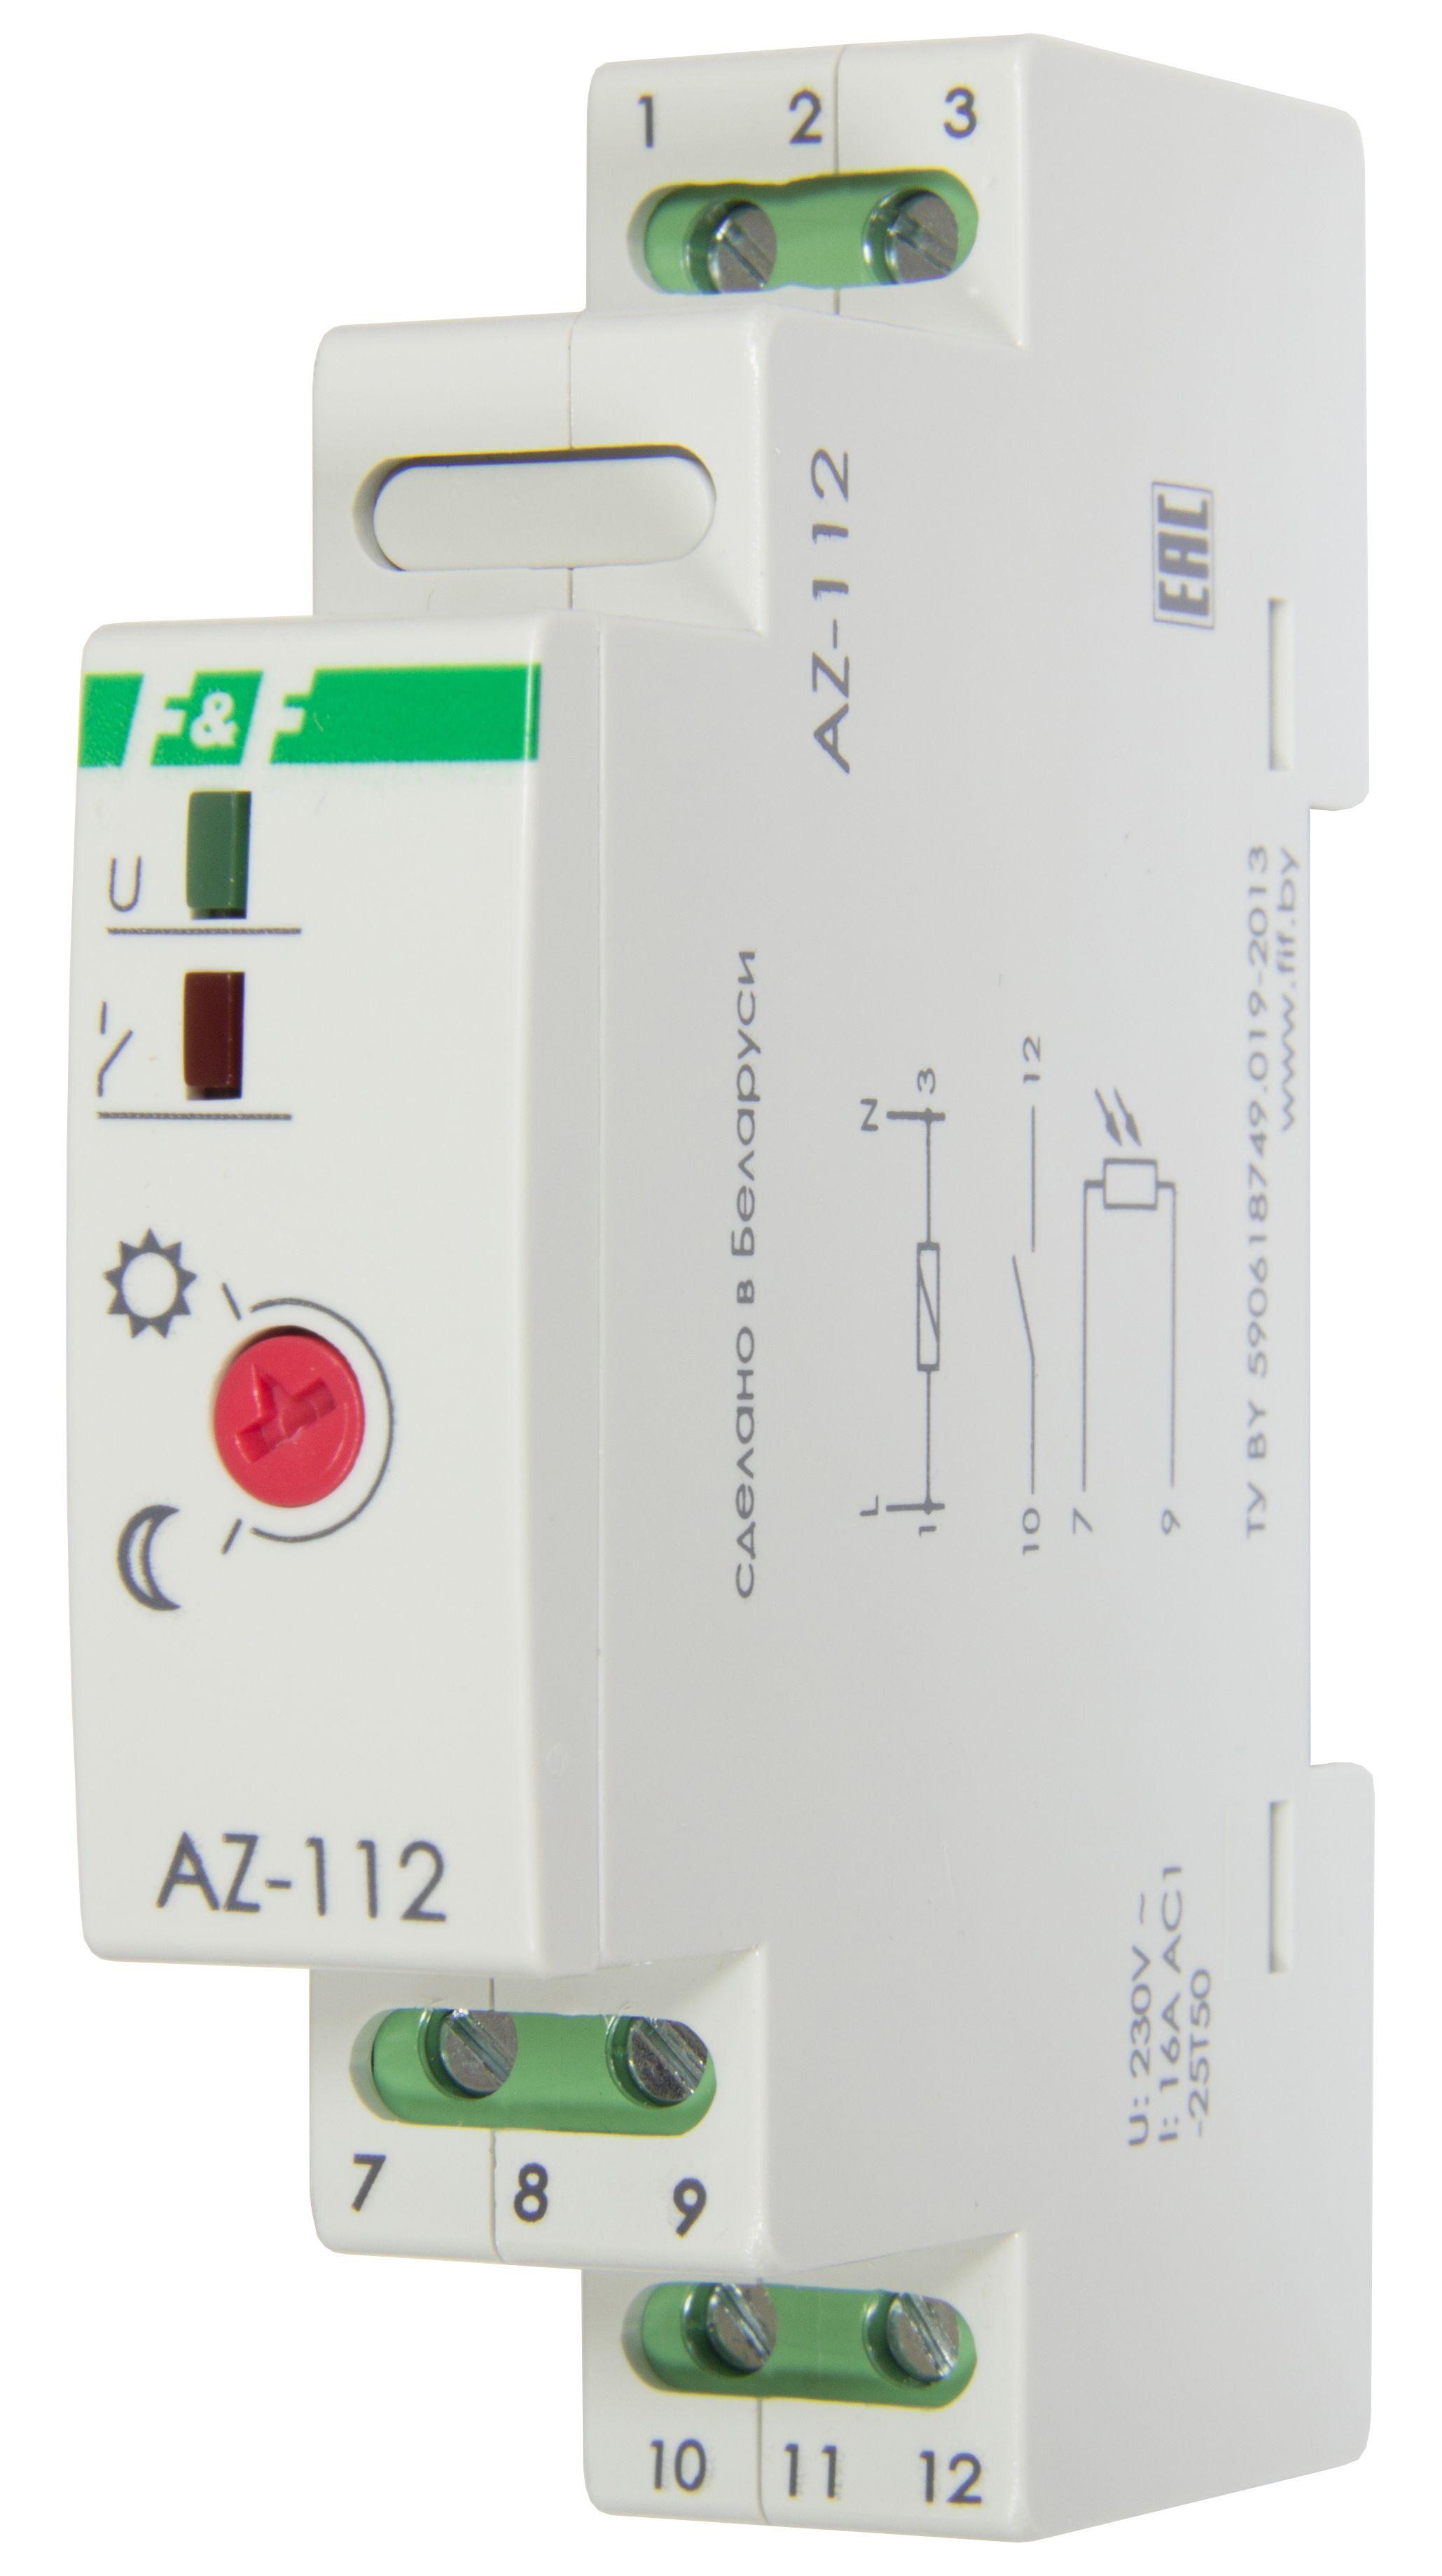 Купить Фотореле включения освещения AZ-112 с датчиком освещенности IP65(1 модуль), Евроавтоматика ФиФ